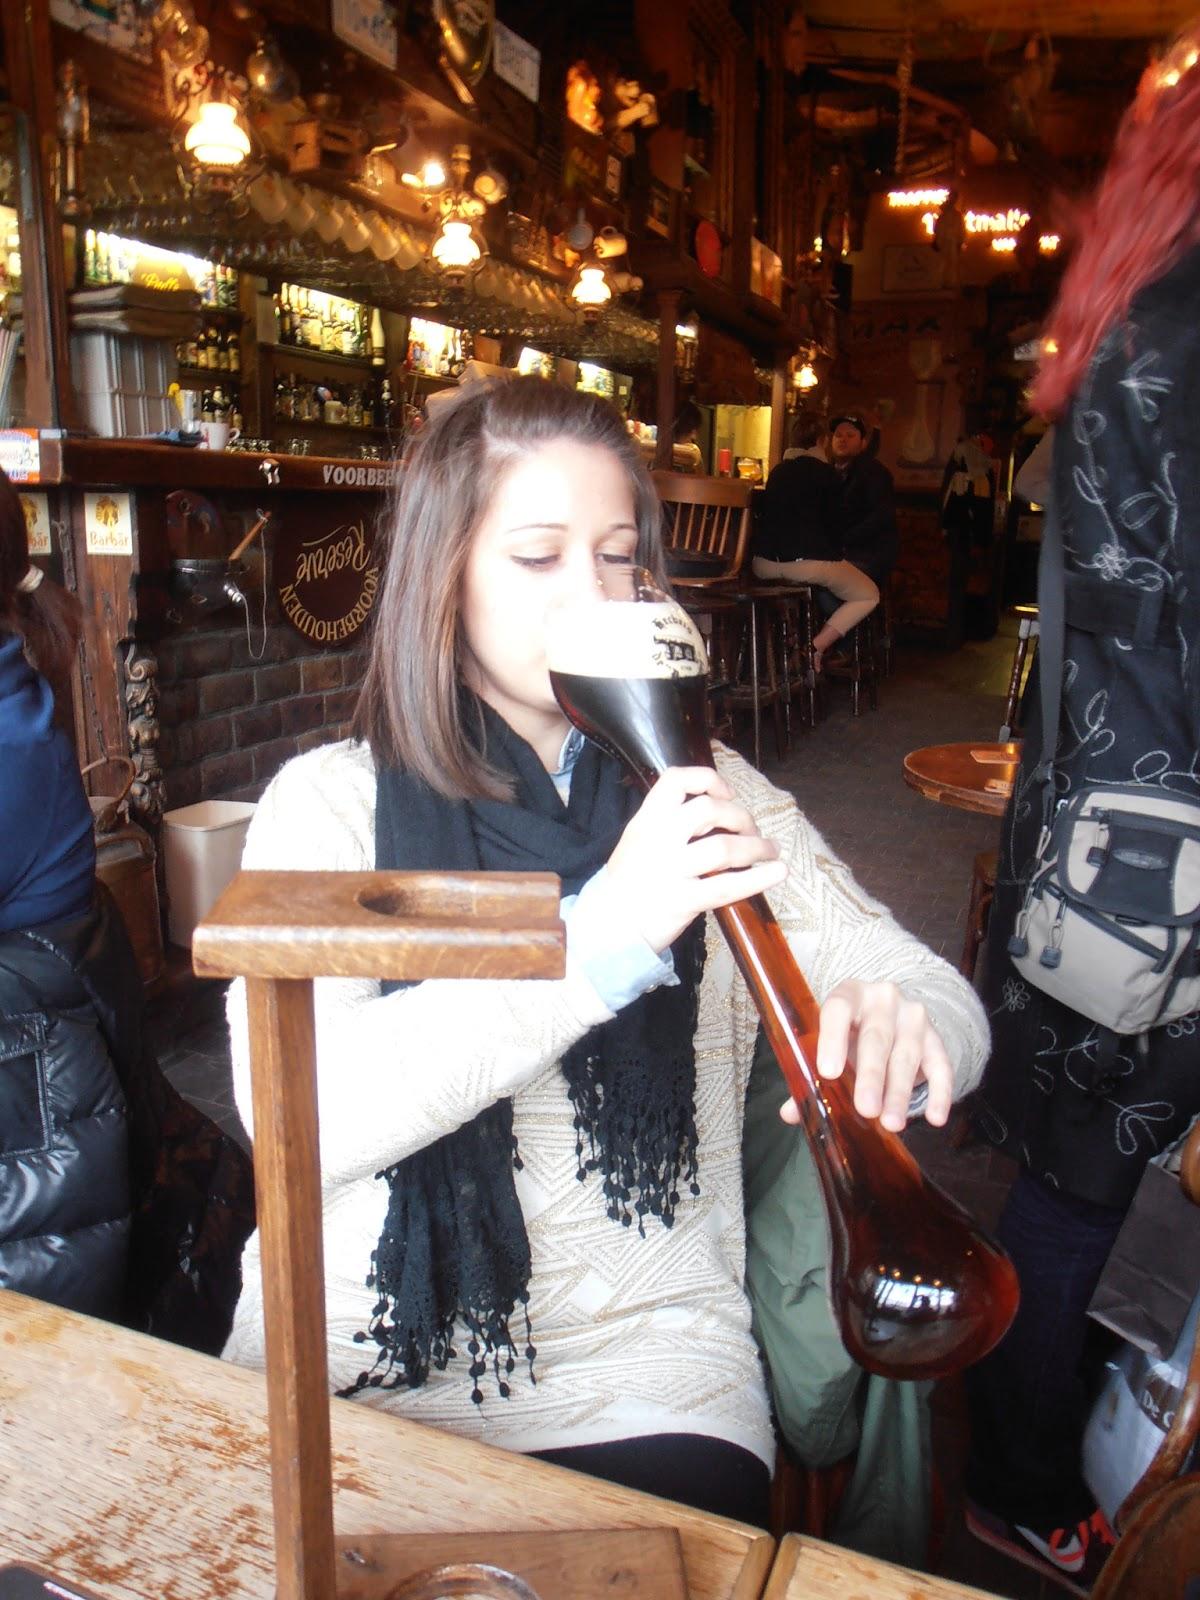 El alcoholismo a las mujeres del vídeo